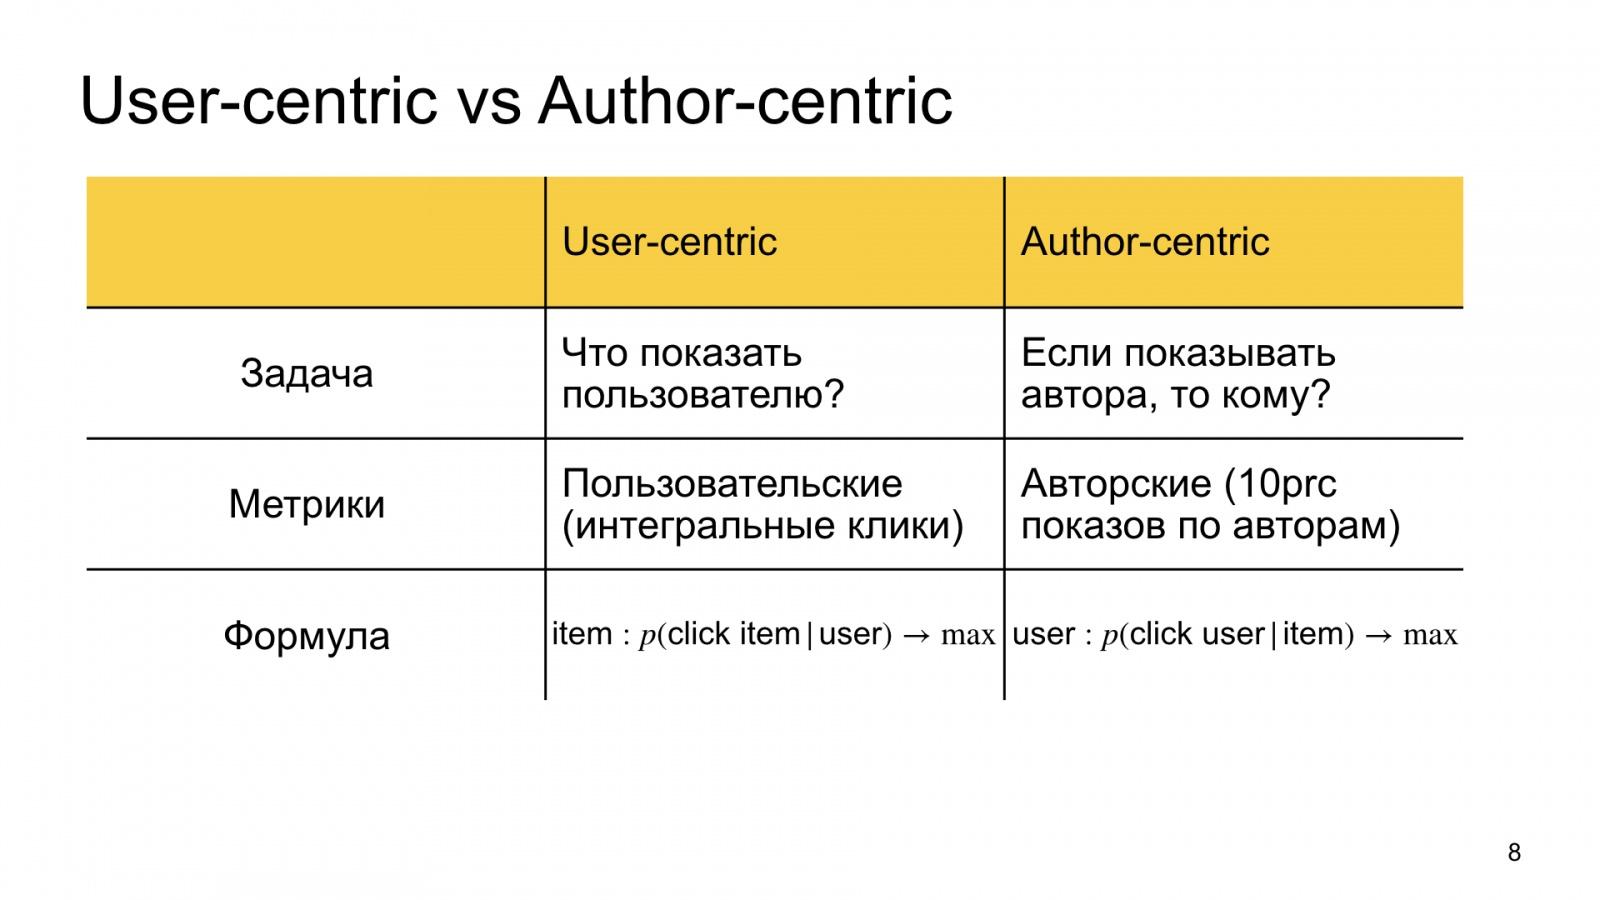 Автороцентричное ранжирование. Доклад Яндекса о поиске релевантной аудитории для авторов Дзена - 8